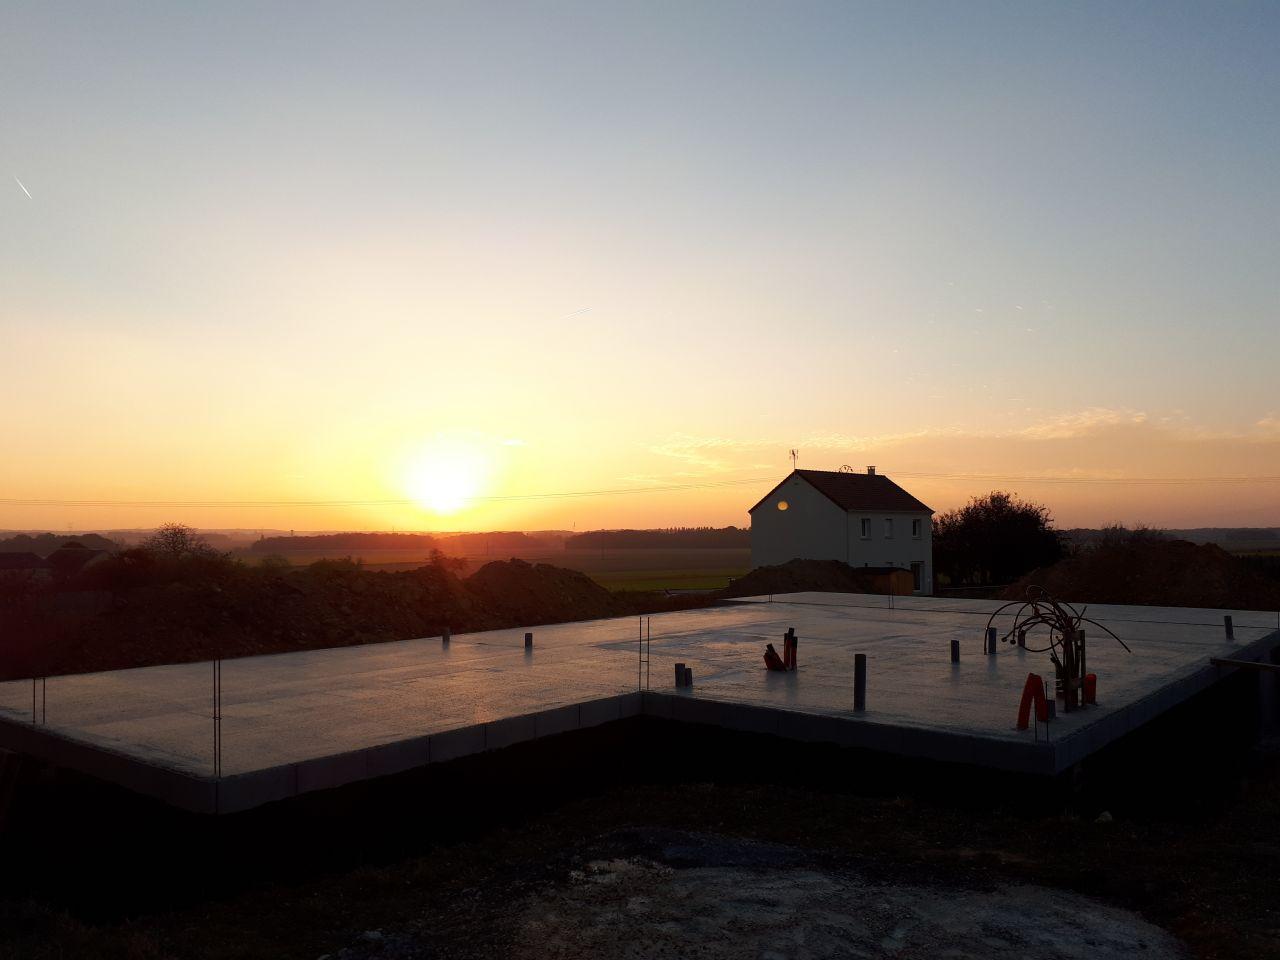 dalle finie d'être coulée. c'est magnifique ce coucher de soleil, j'imagine déjà siroter un verre sur ma terrasse et admirer la vue. Bon encore quelques mois.